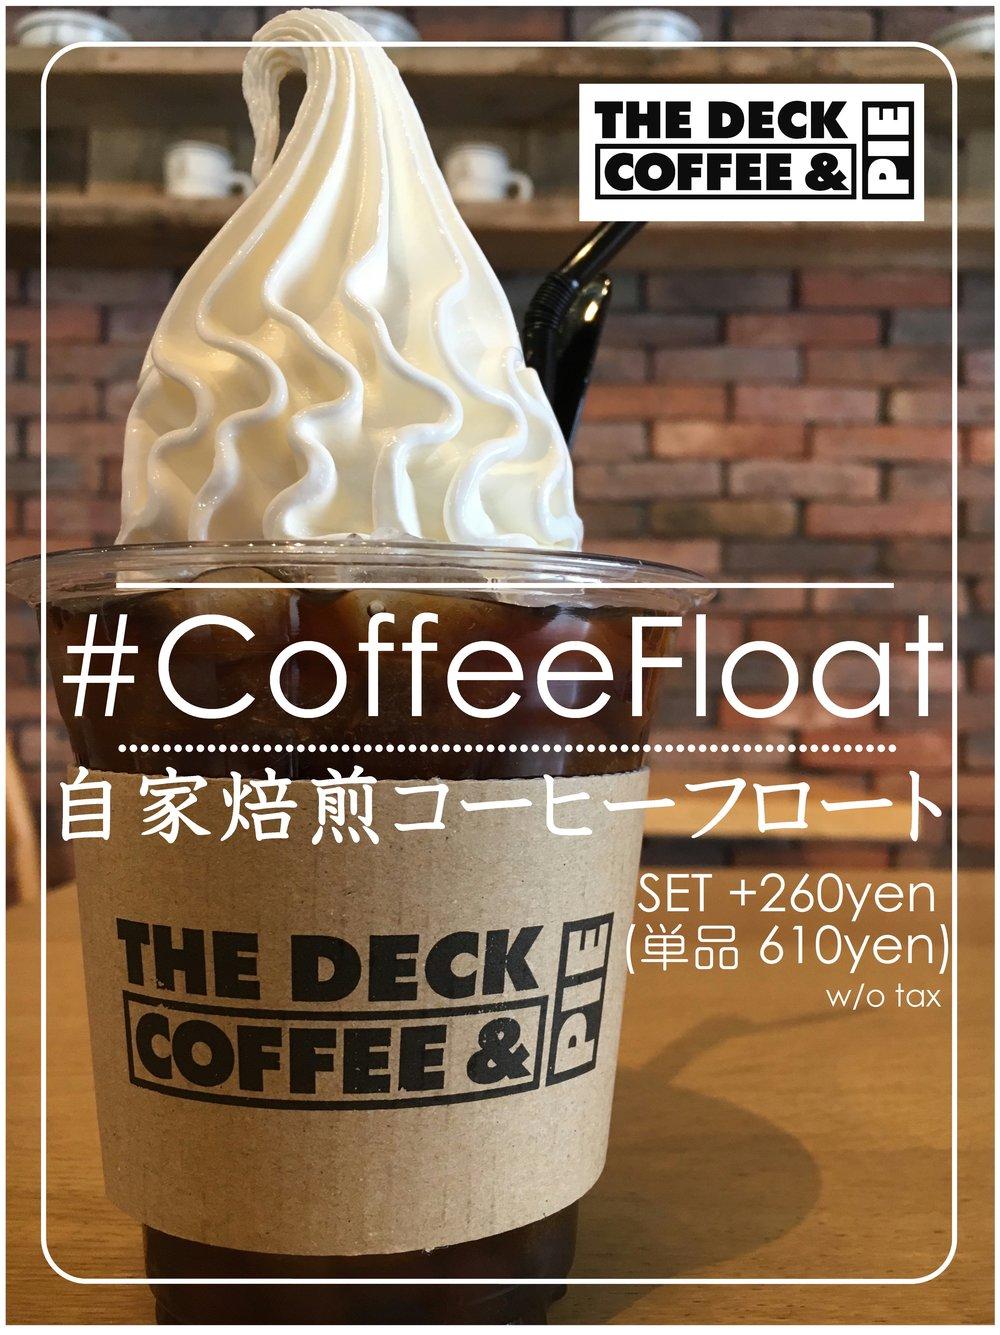 これからの季節の大本命、自家焙煎アイスコーヒー×クレミア(濃厚プレミアムソフトクリーム)のDECKコーヒーフロート☆  SETでも追加料金でOK♫ 是非どうぞ☺︎